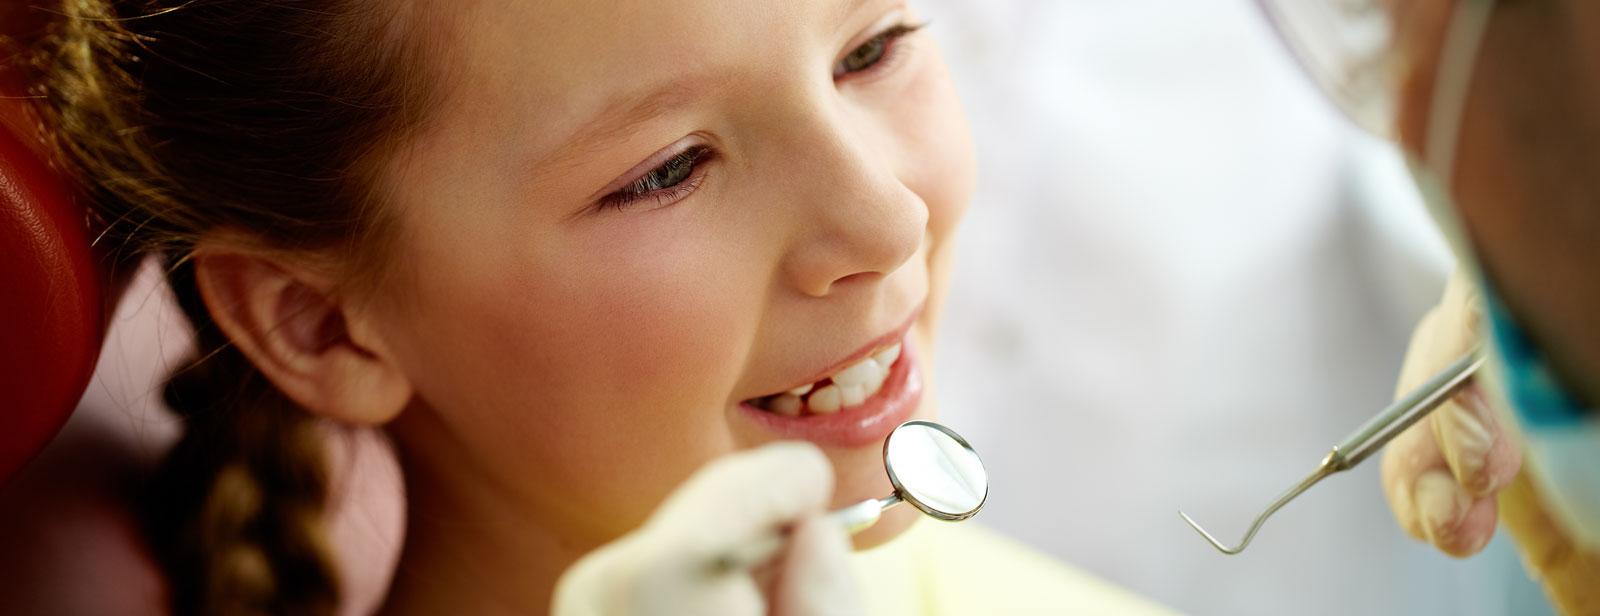 Kindvriendelijke behandeling bij angst voor de tandarts